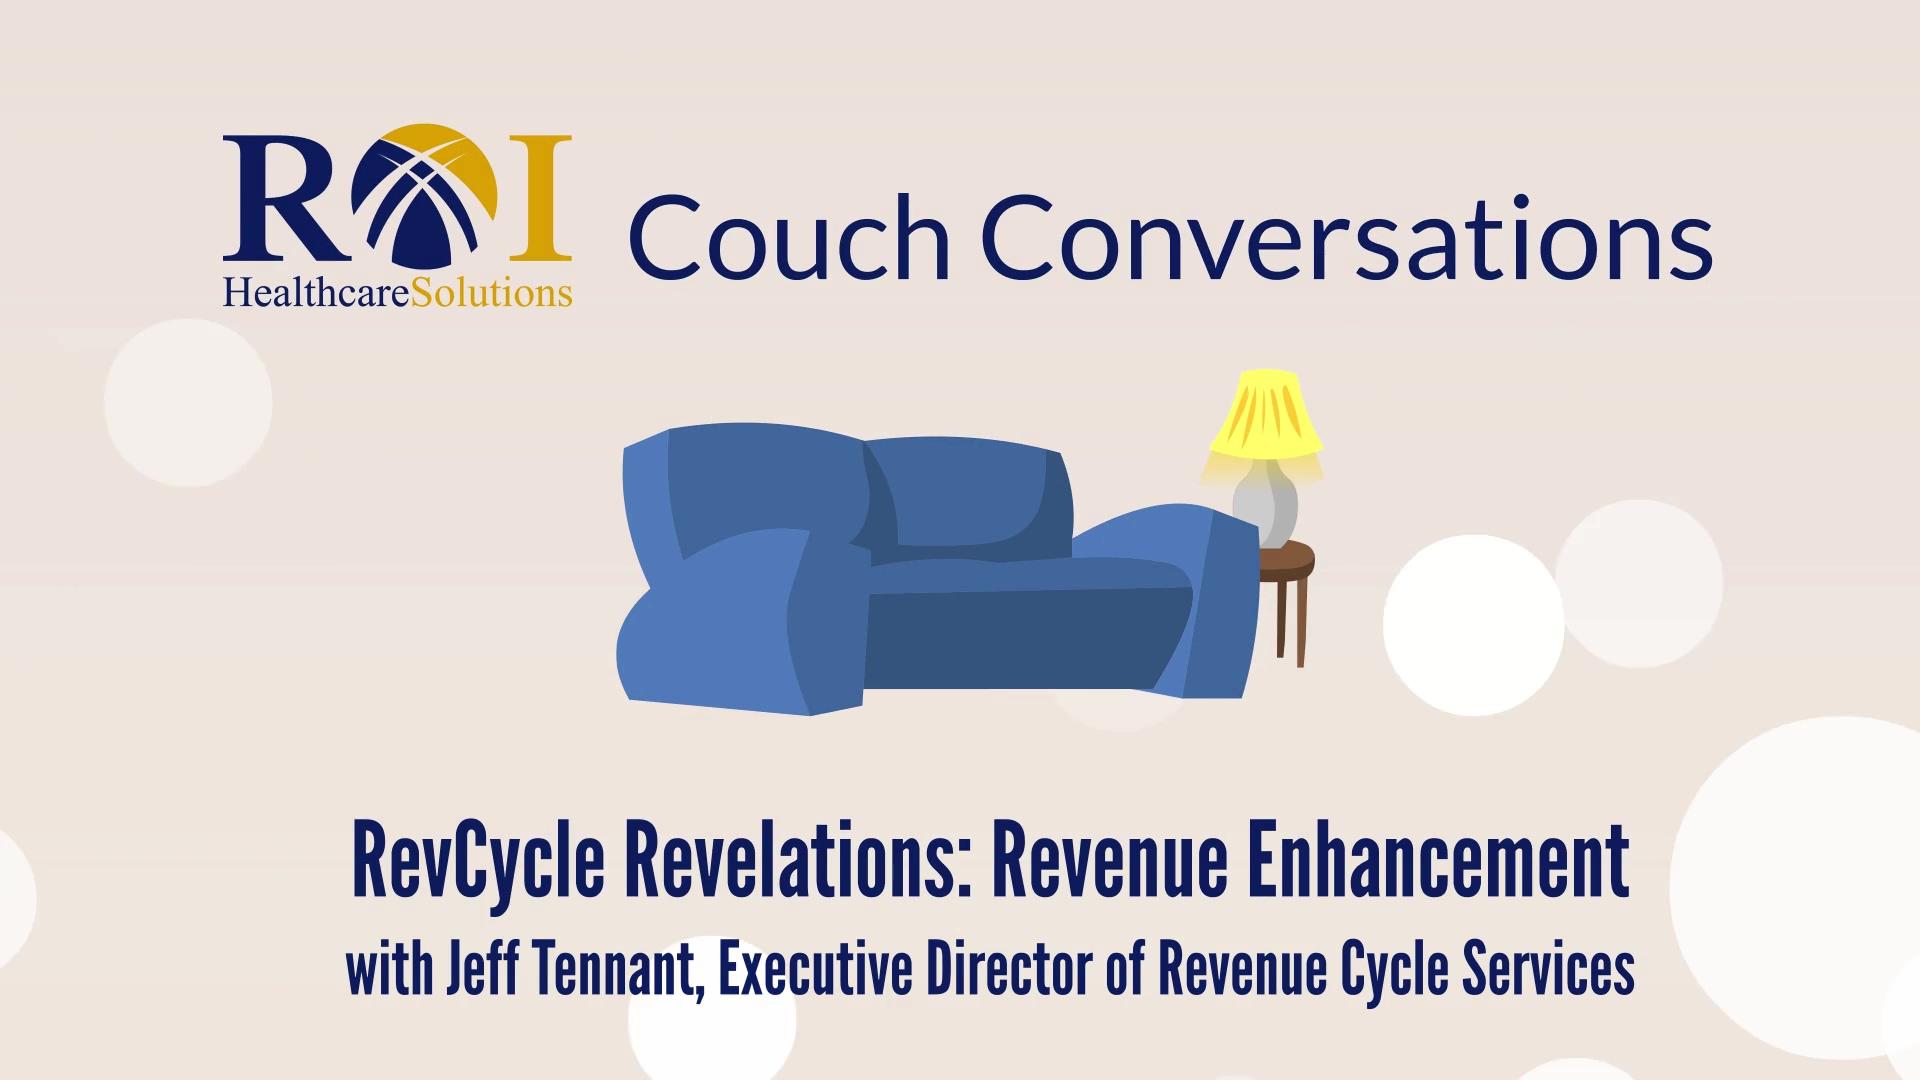 RevCycle Revenue Enhancement